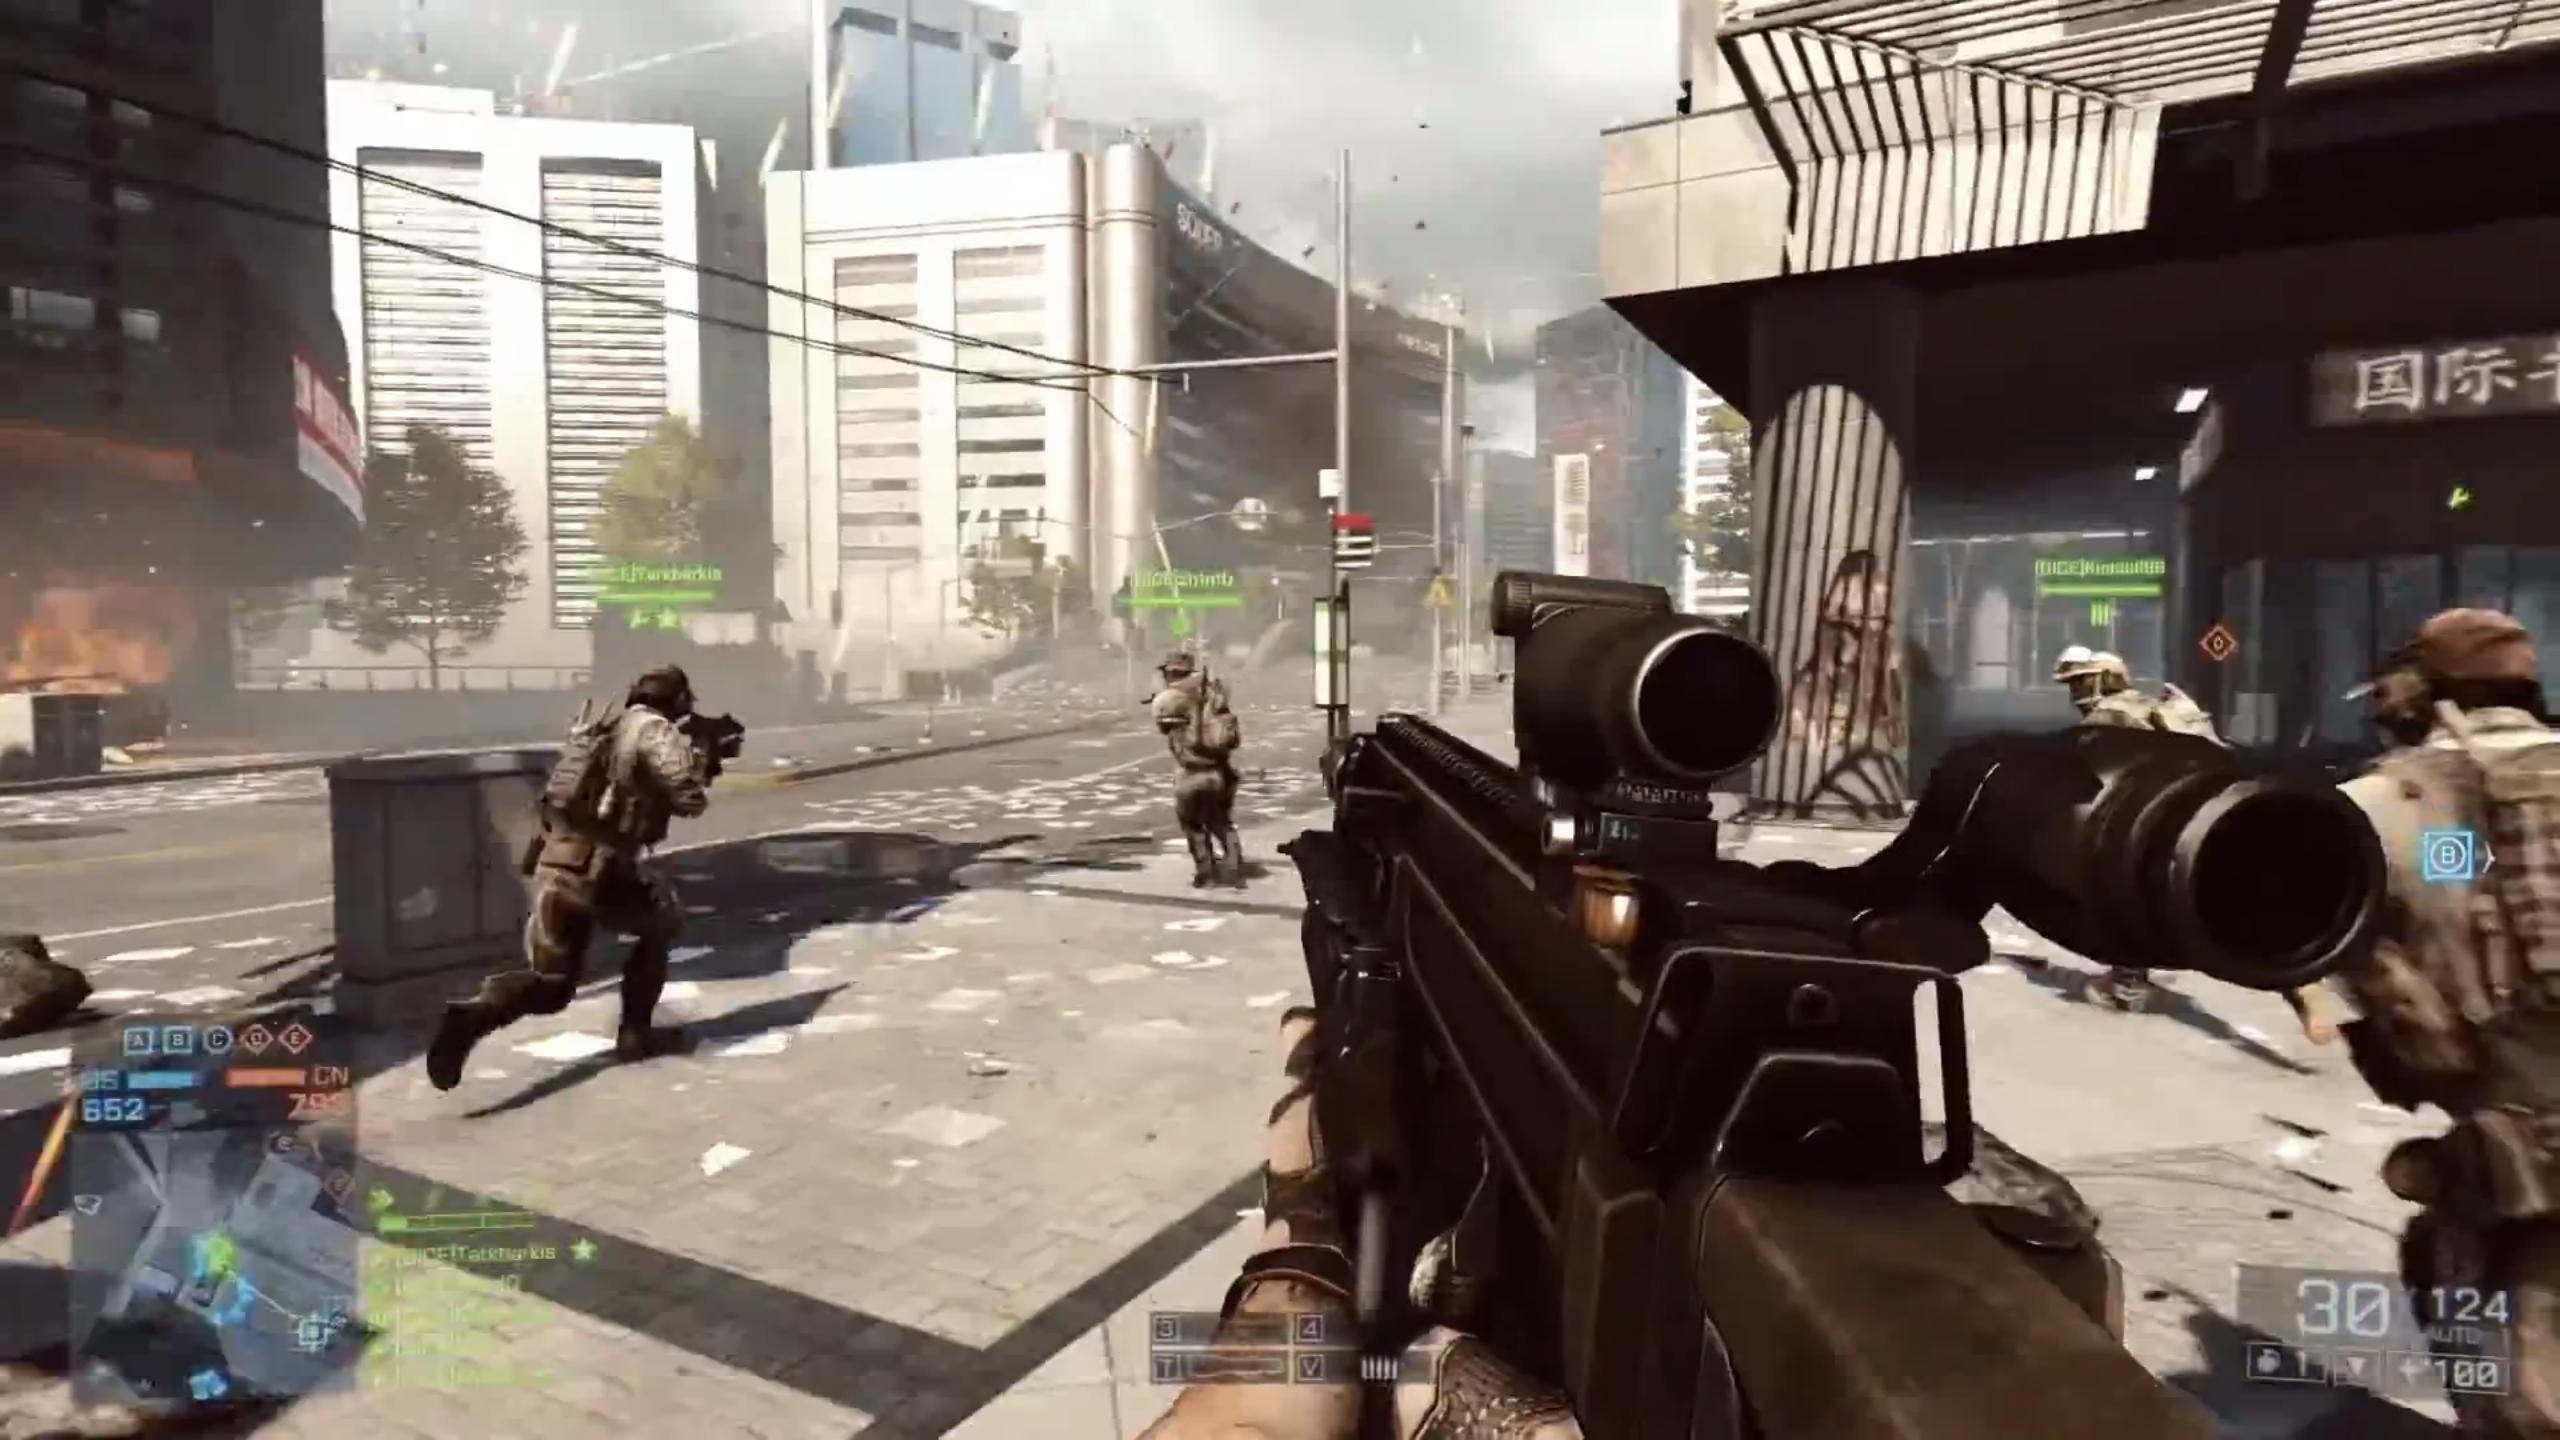 Pc Fall Wallpaper Battlefield 4 Multiplayer Trailer Shows New Maps Intense